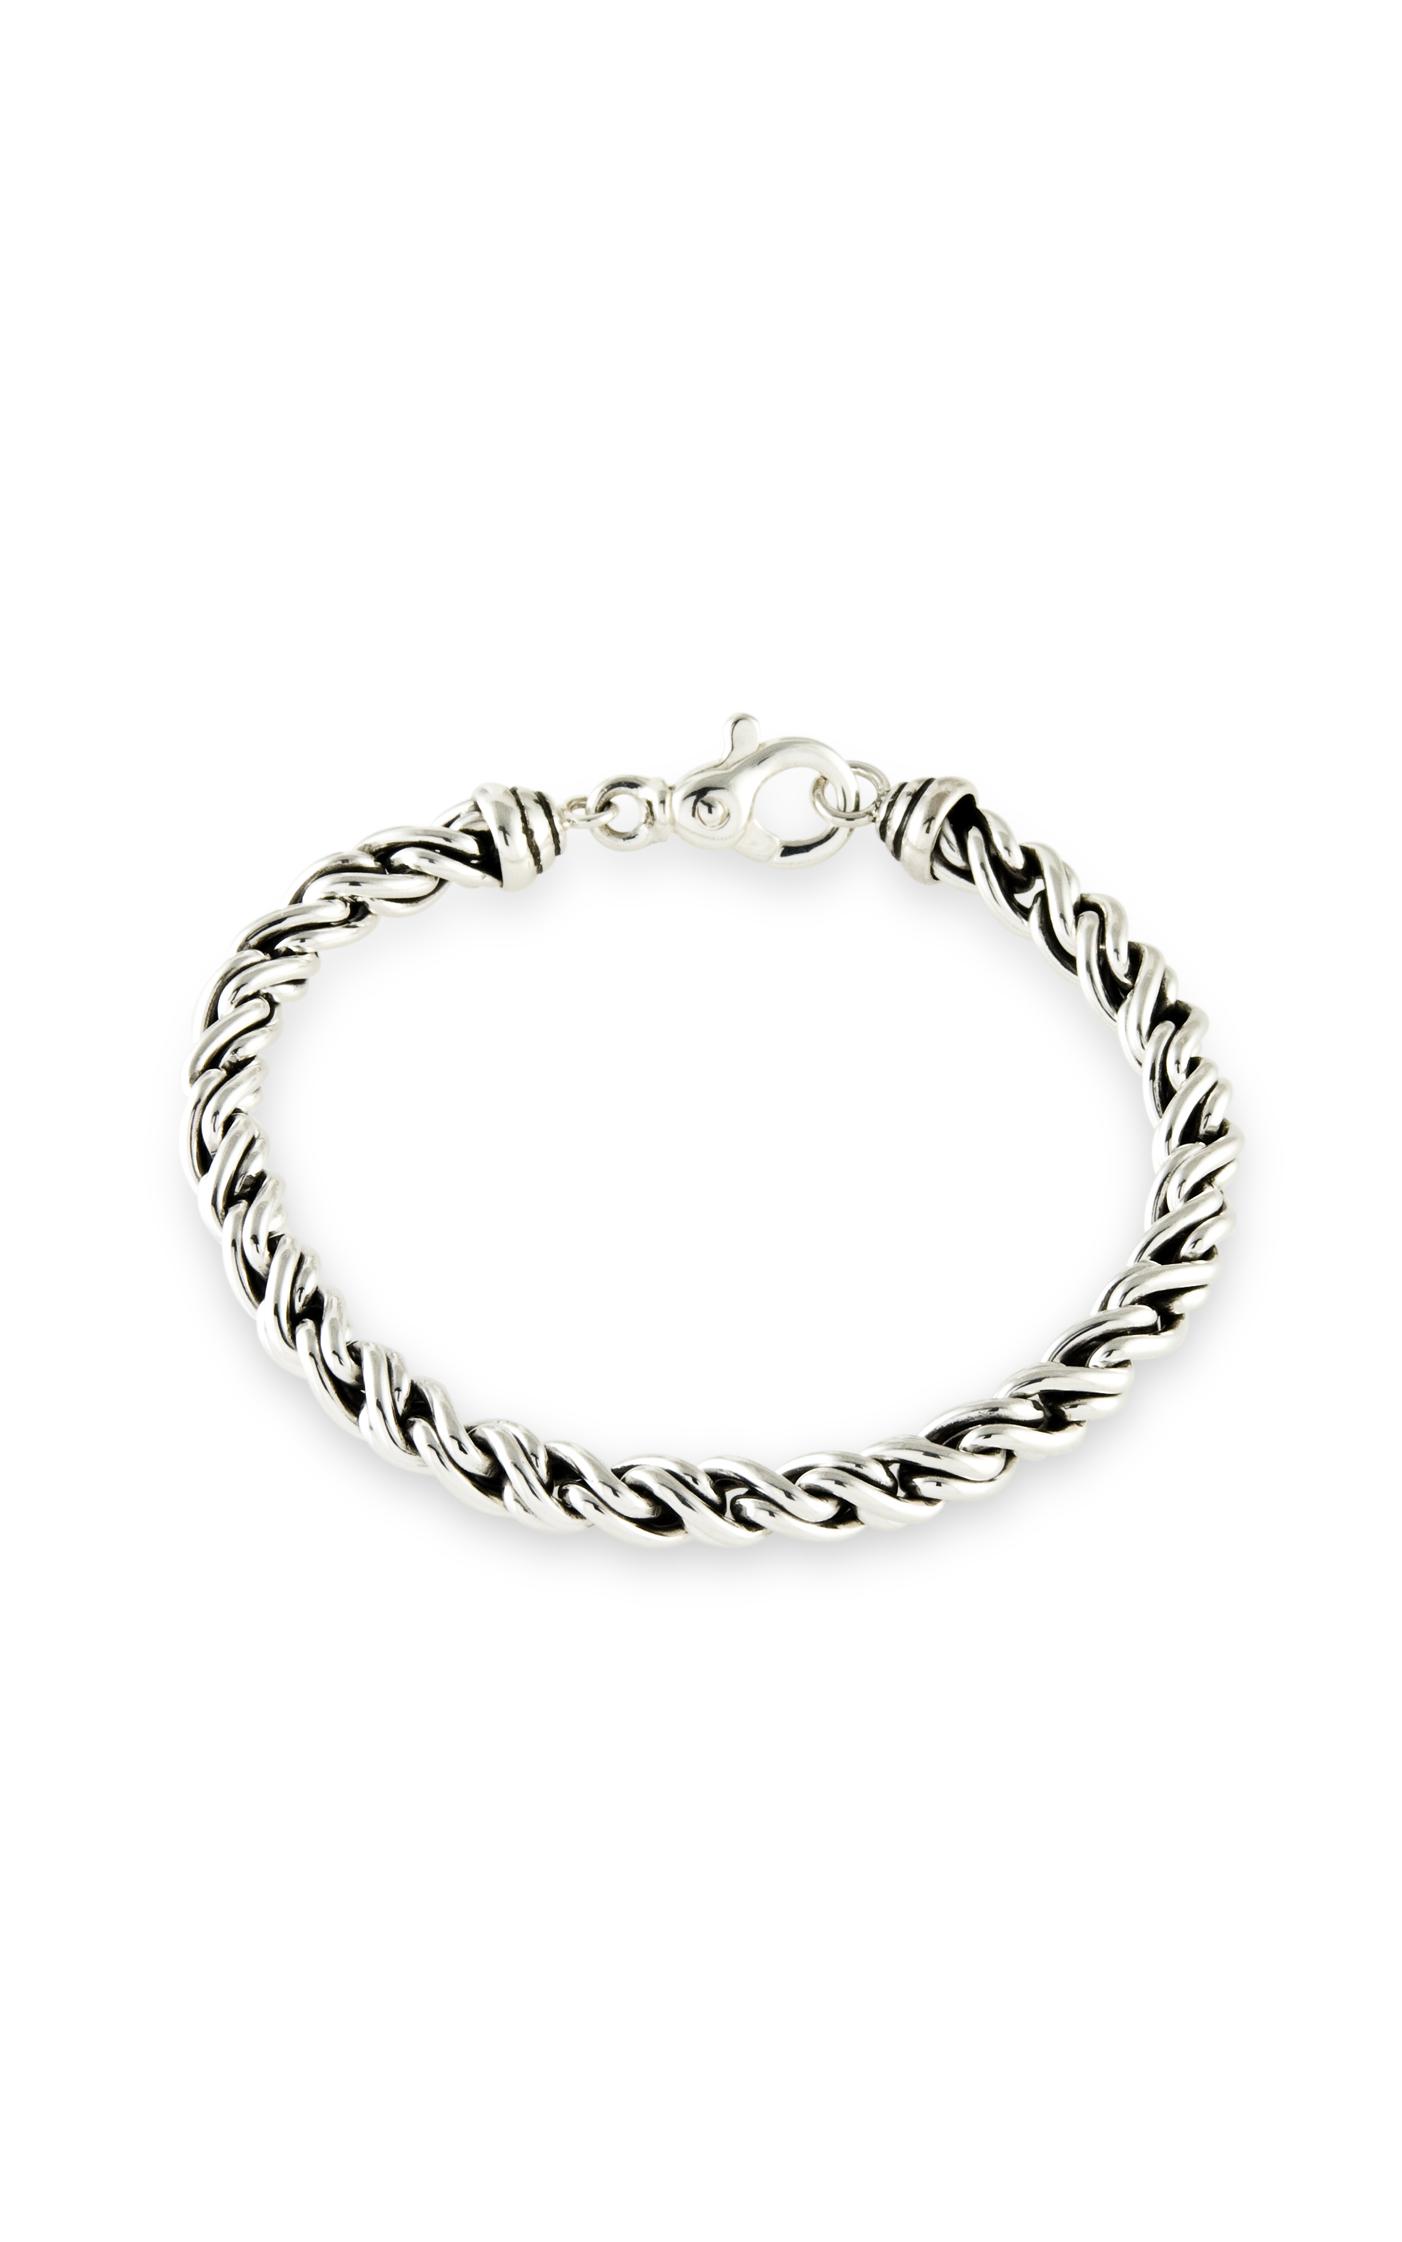 Zina Men's Bracelet A931-8.5 product image